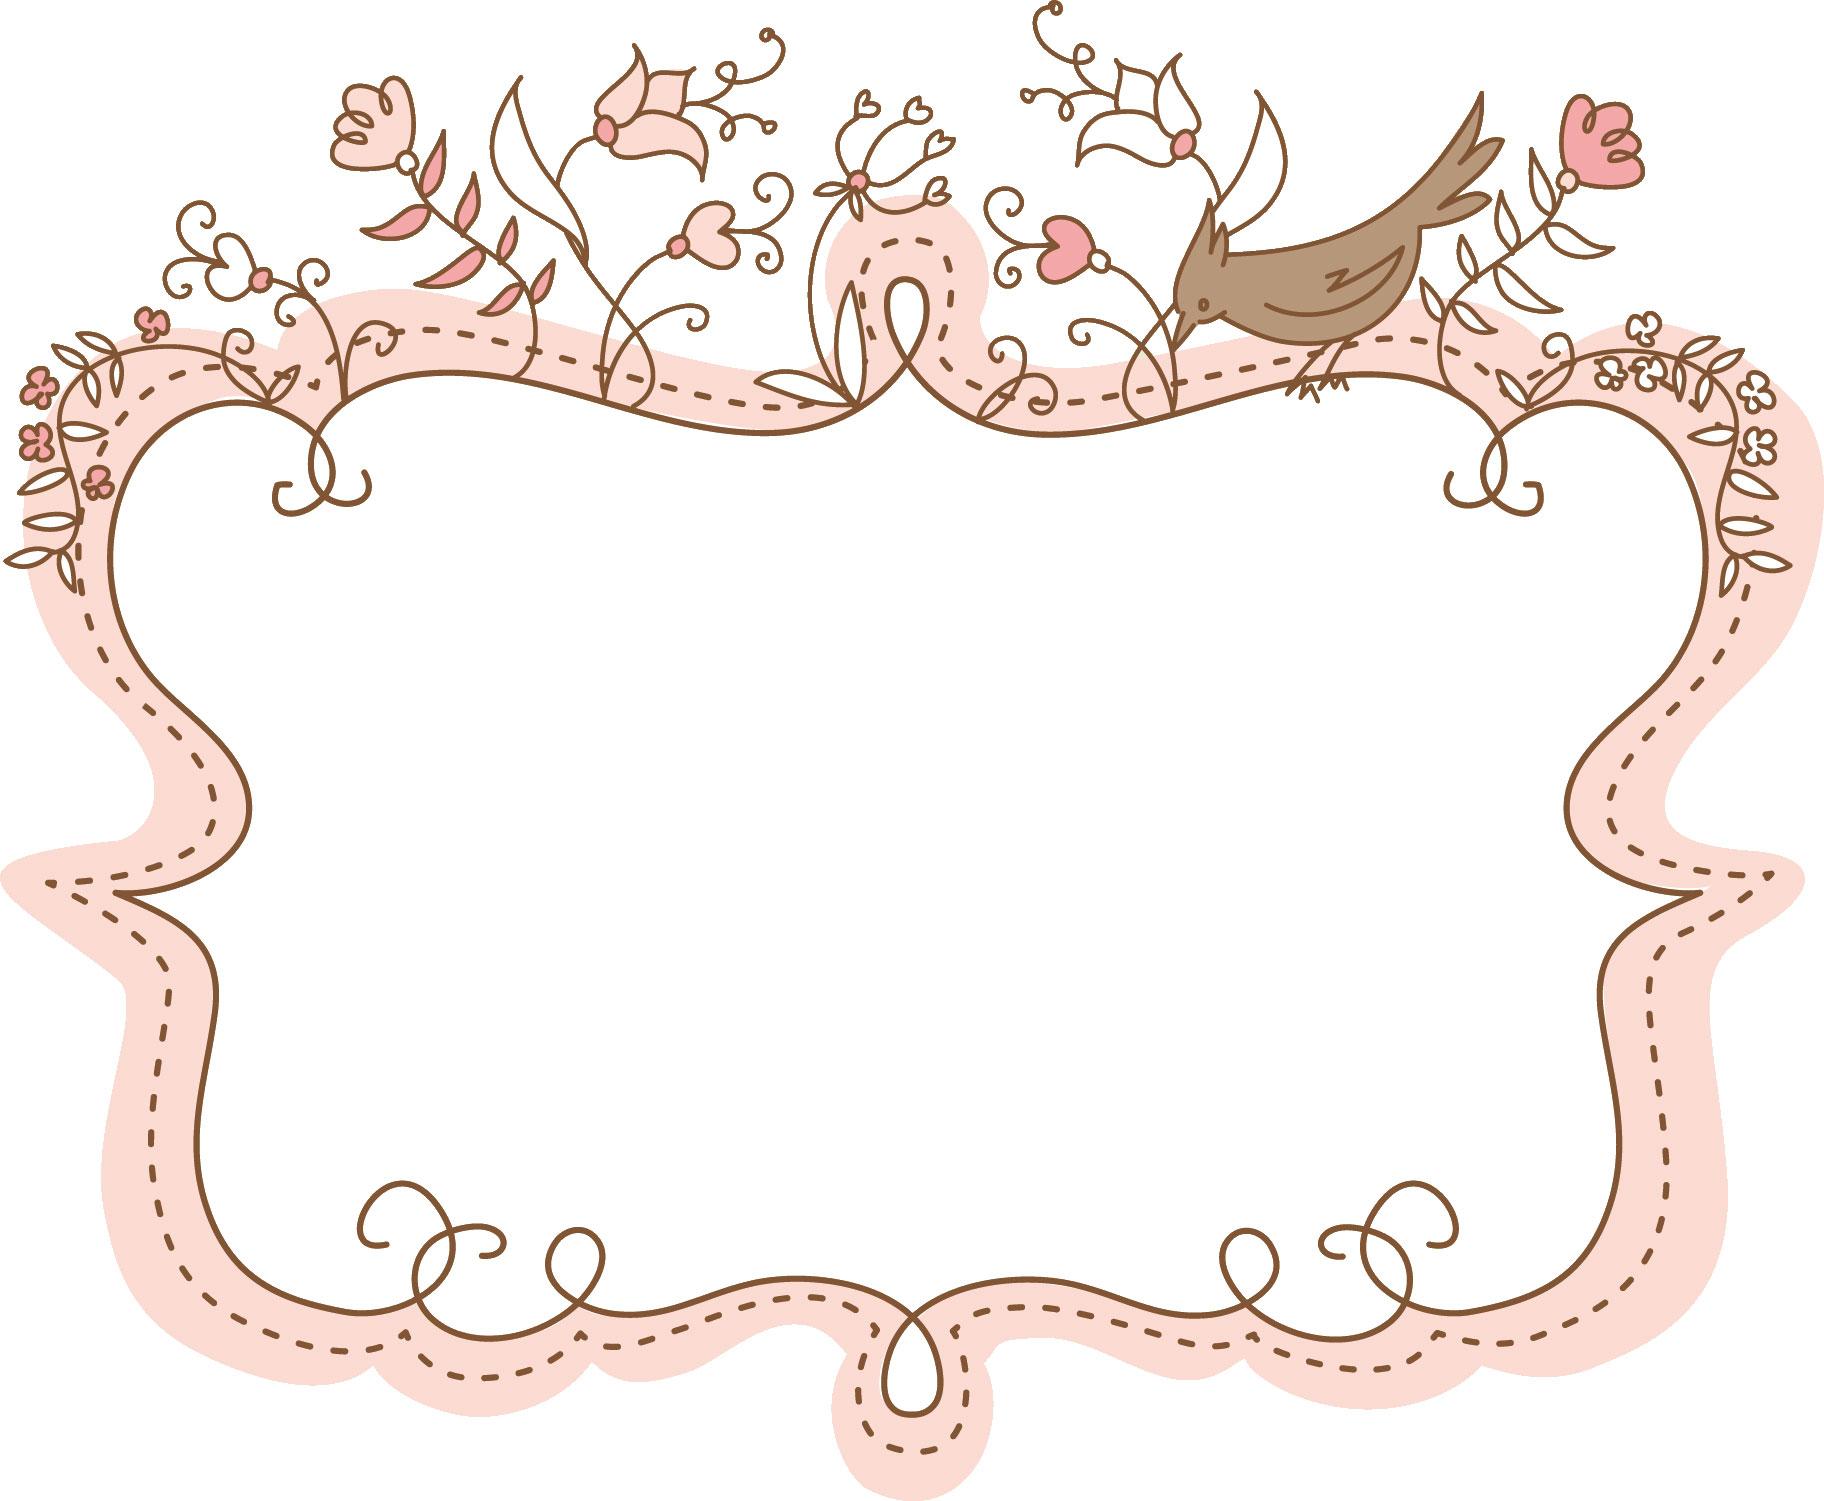 フレーム・囲い枠のイラストno.184『草花と鳥・手書き風』/無料のフリー